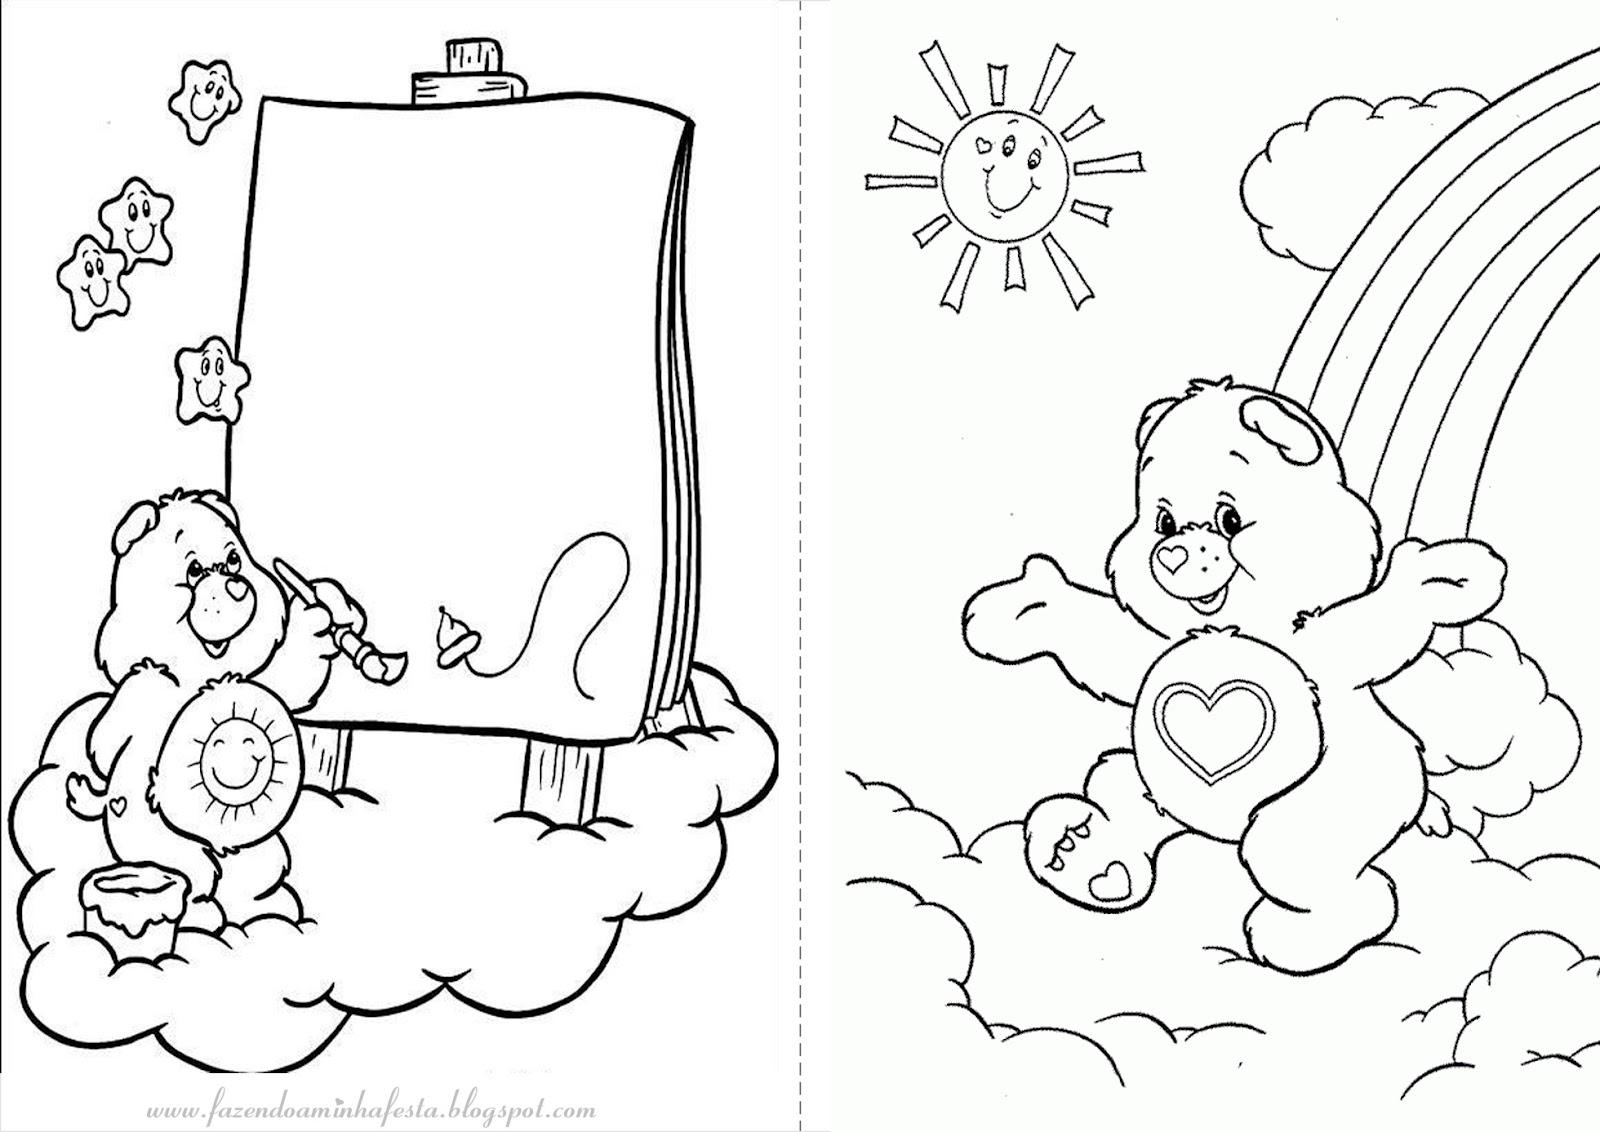 imagens para colorir ursinhos carinhosos - Desenhos dos Ursinhos Carinhosos para Colorir e Imprimir